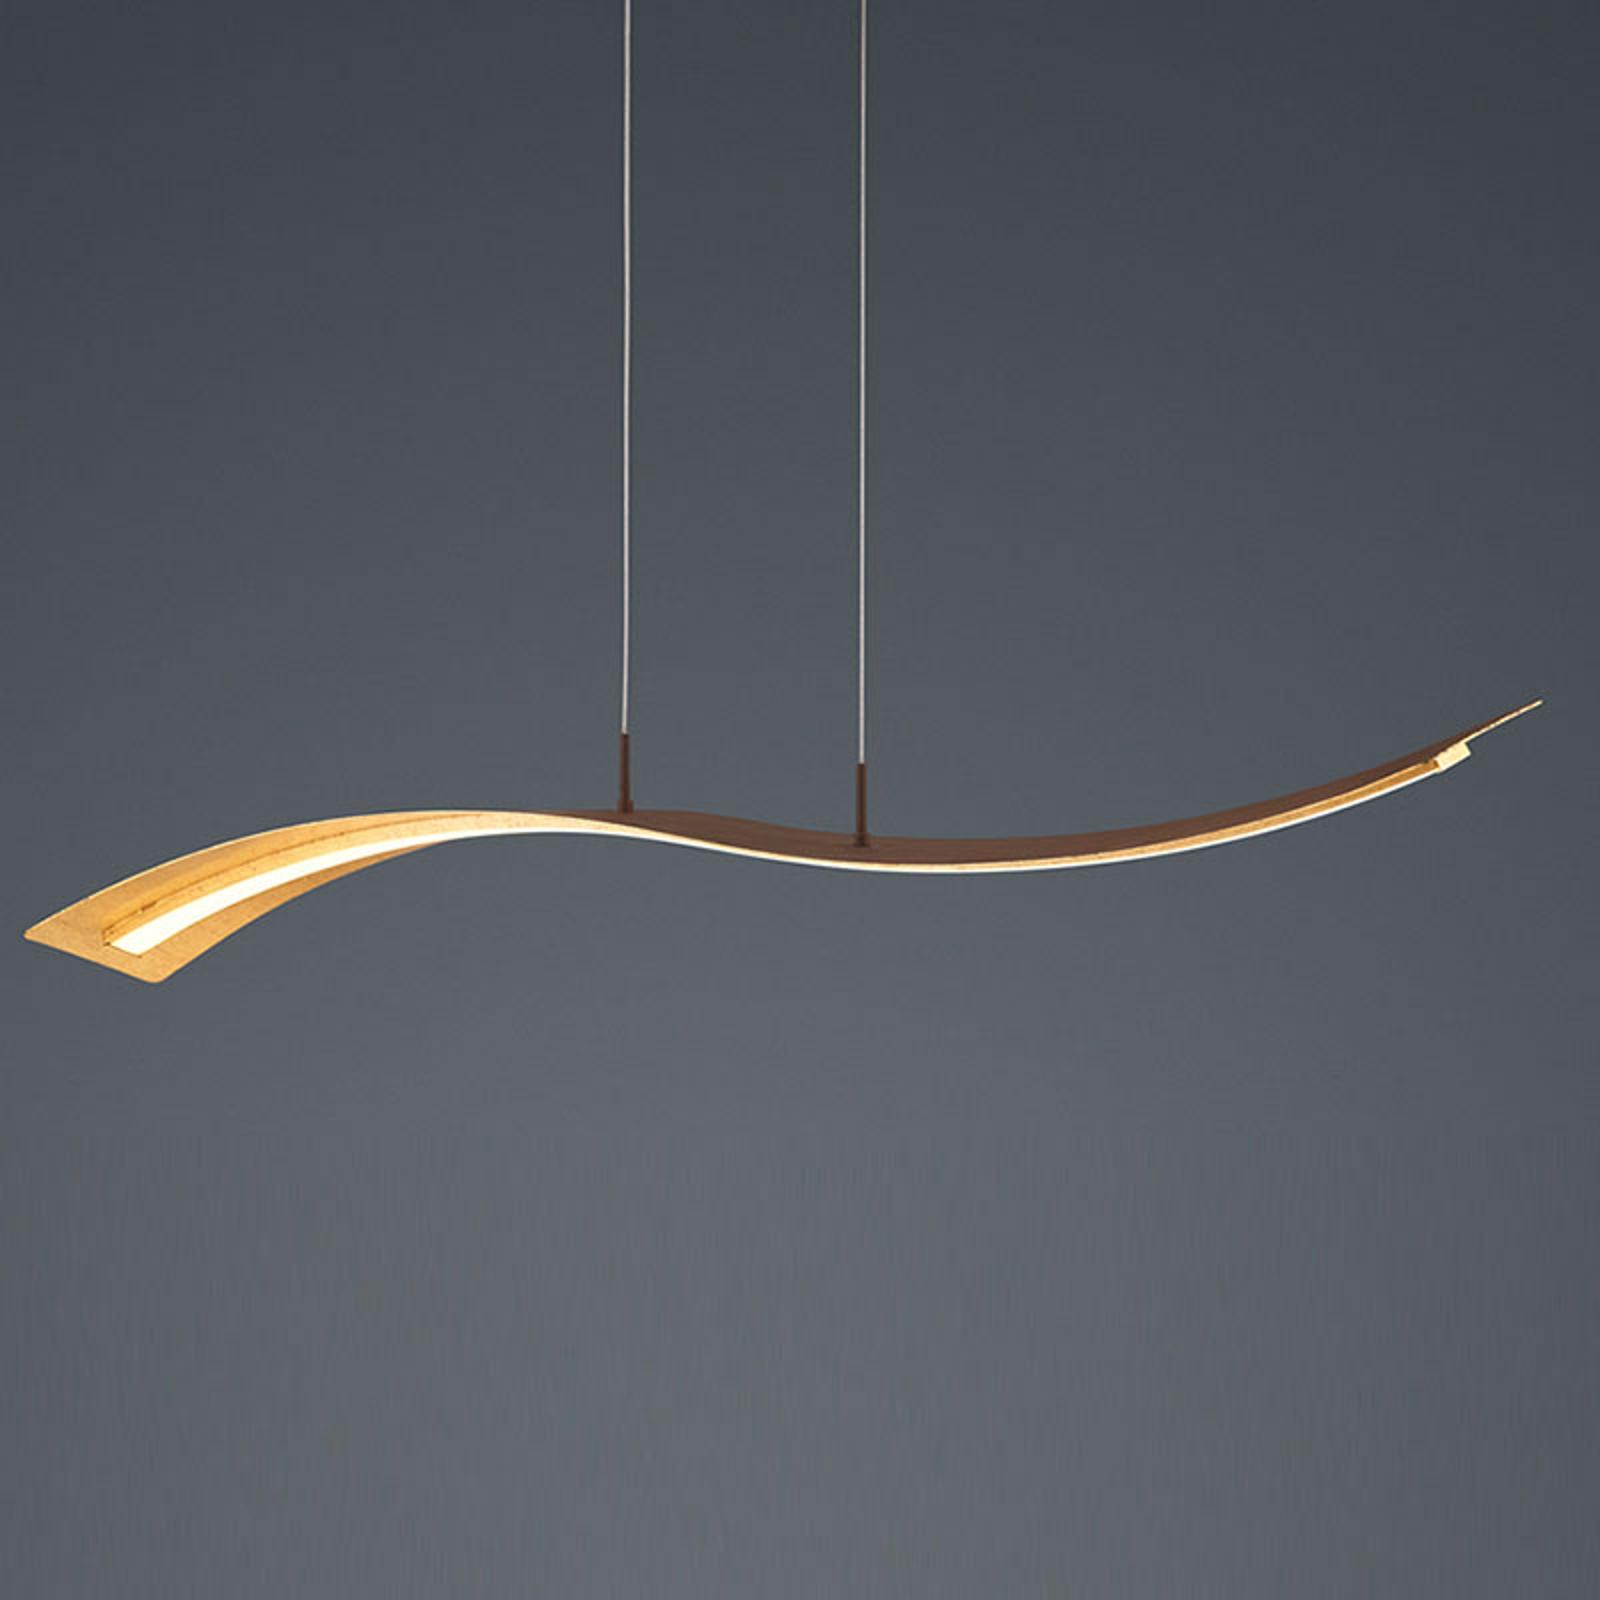 LED-pendellampe Salerno, SwitchDim-funksjon, gull